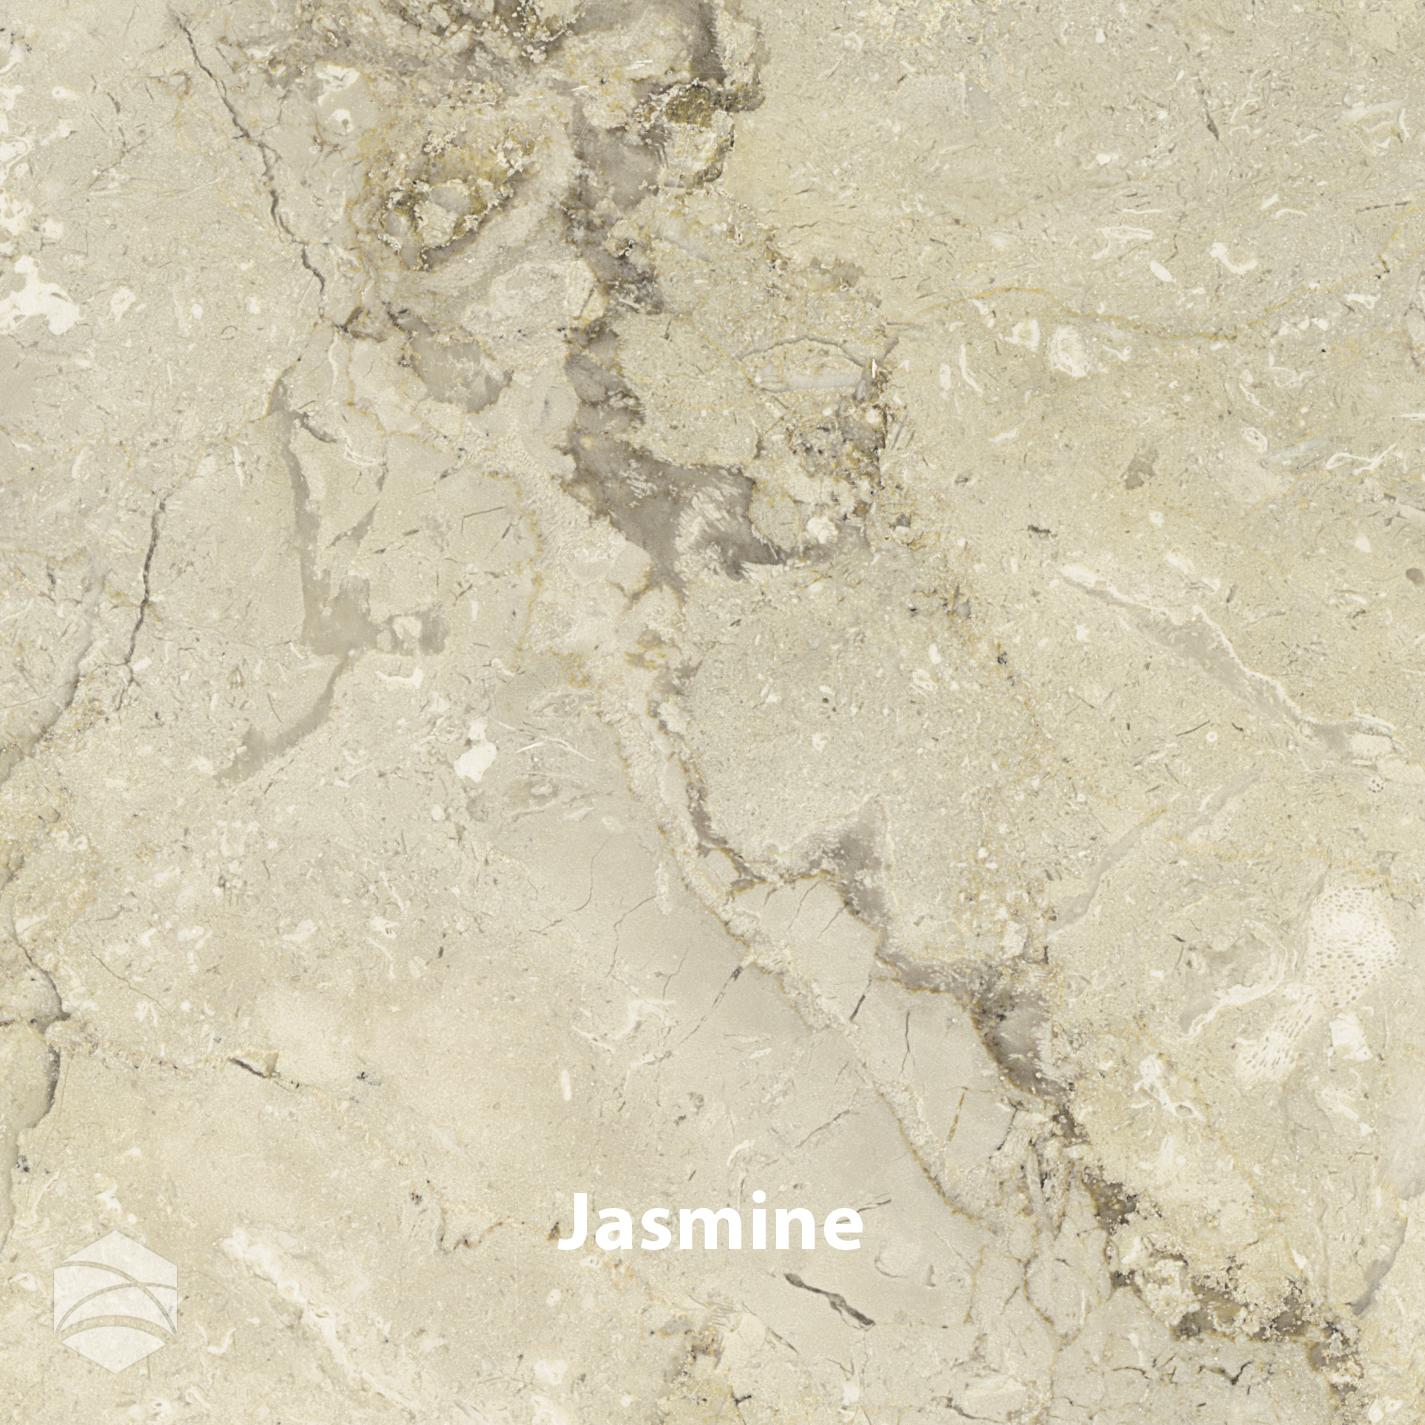 Jasmine_V2_14x14.jpg